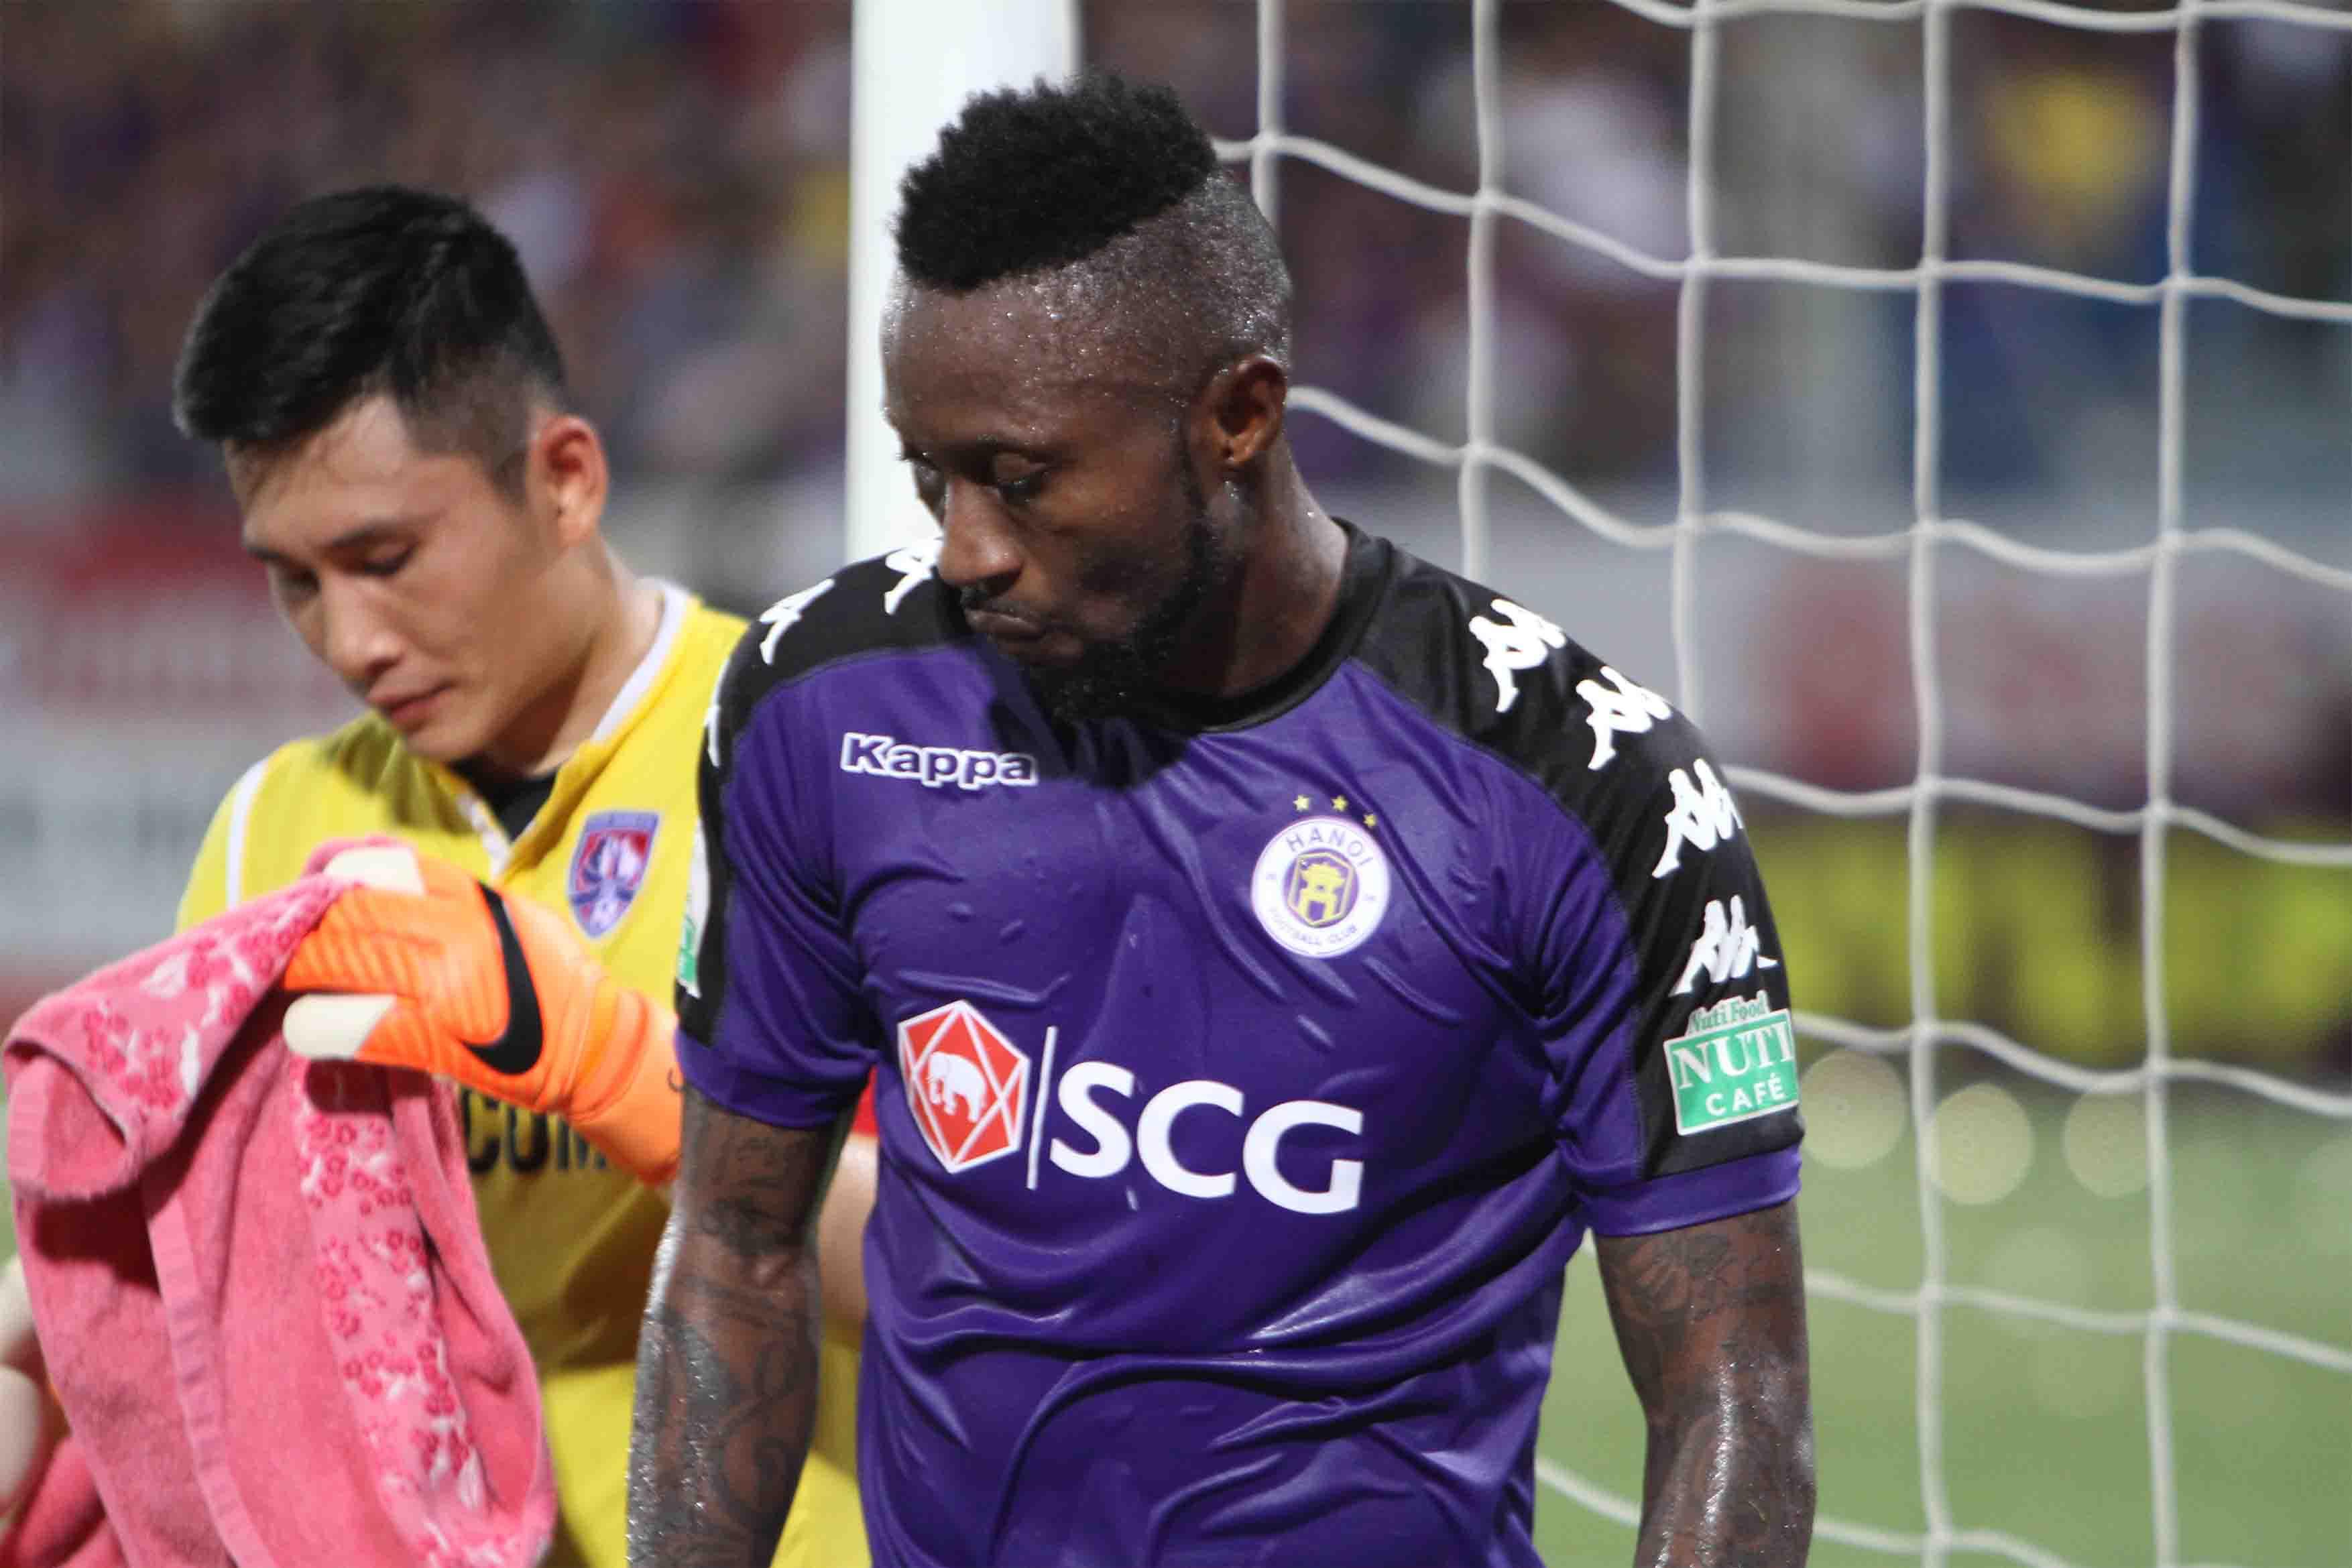 Cầu thủ nhập tịch như Hoàng Vũ Samson hết hy vọng lên tuyển dự King's Cup 2019